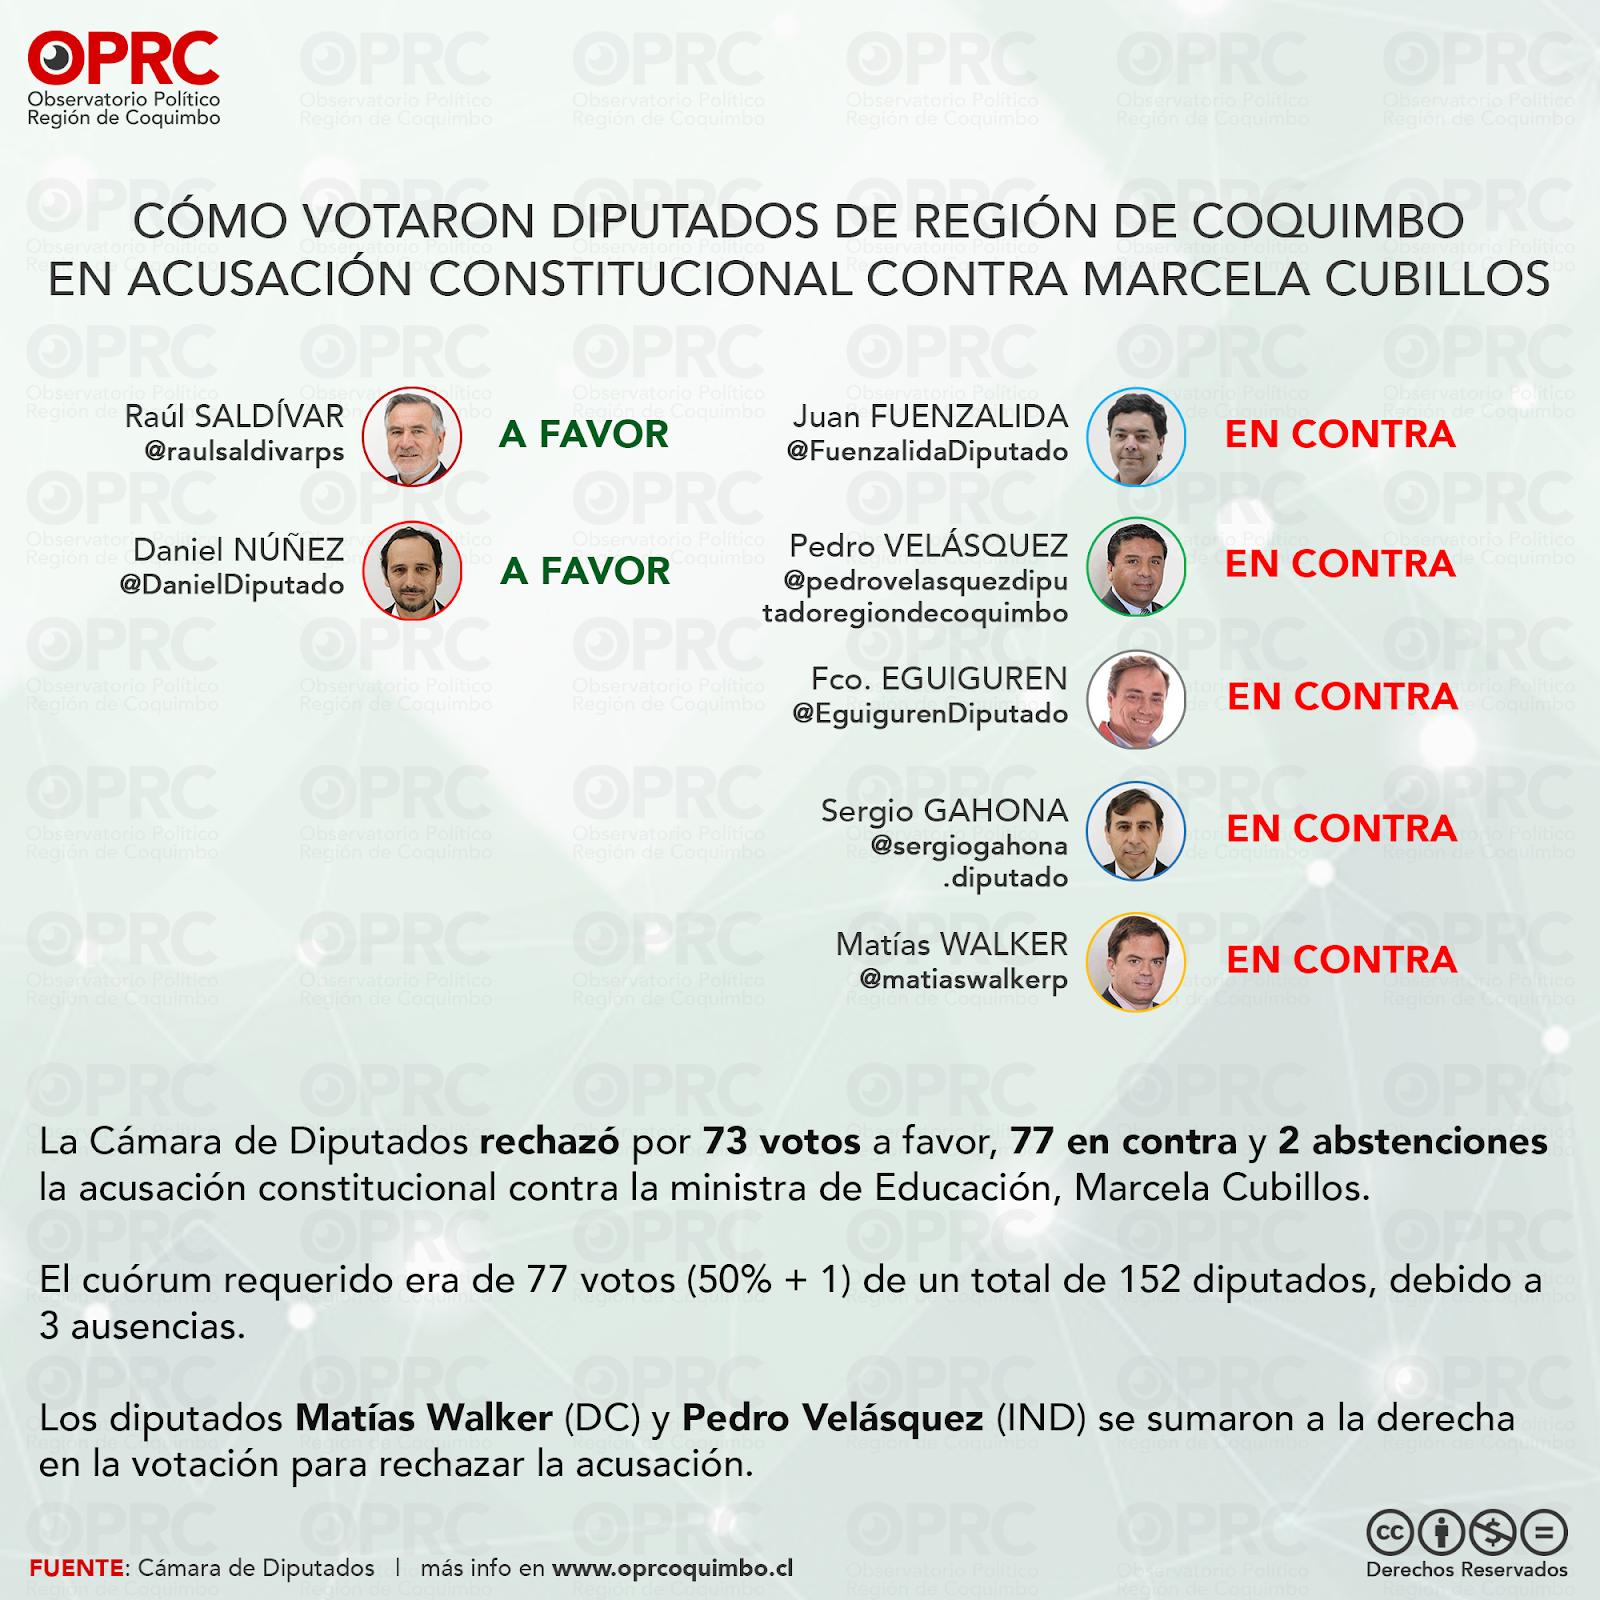 Votación Diputados Región de Coquimbo en Acusación Constitucional contra Ministra de Educación Marcela Cubillos